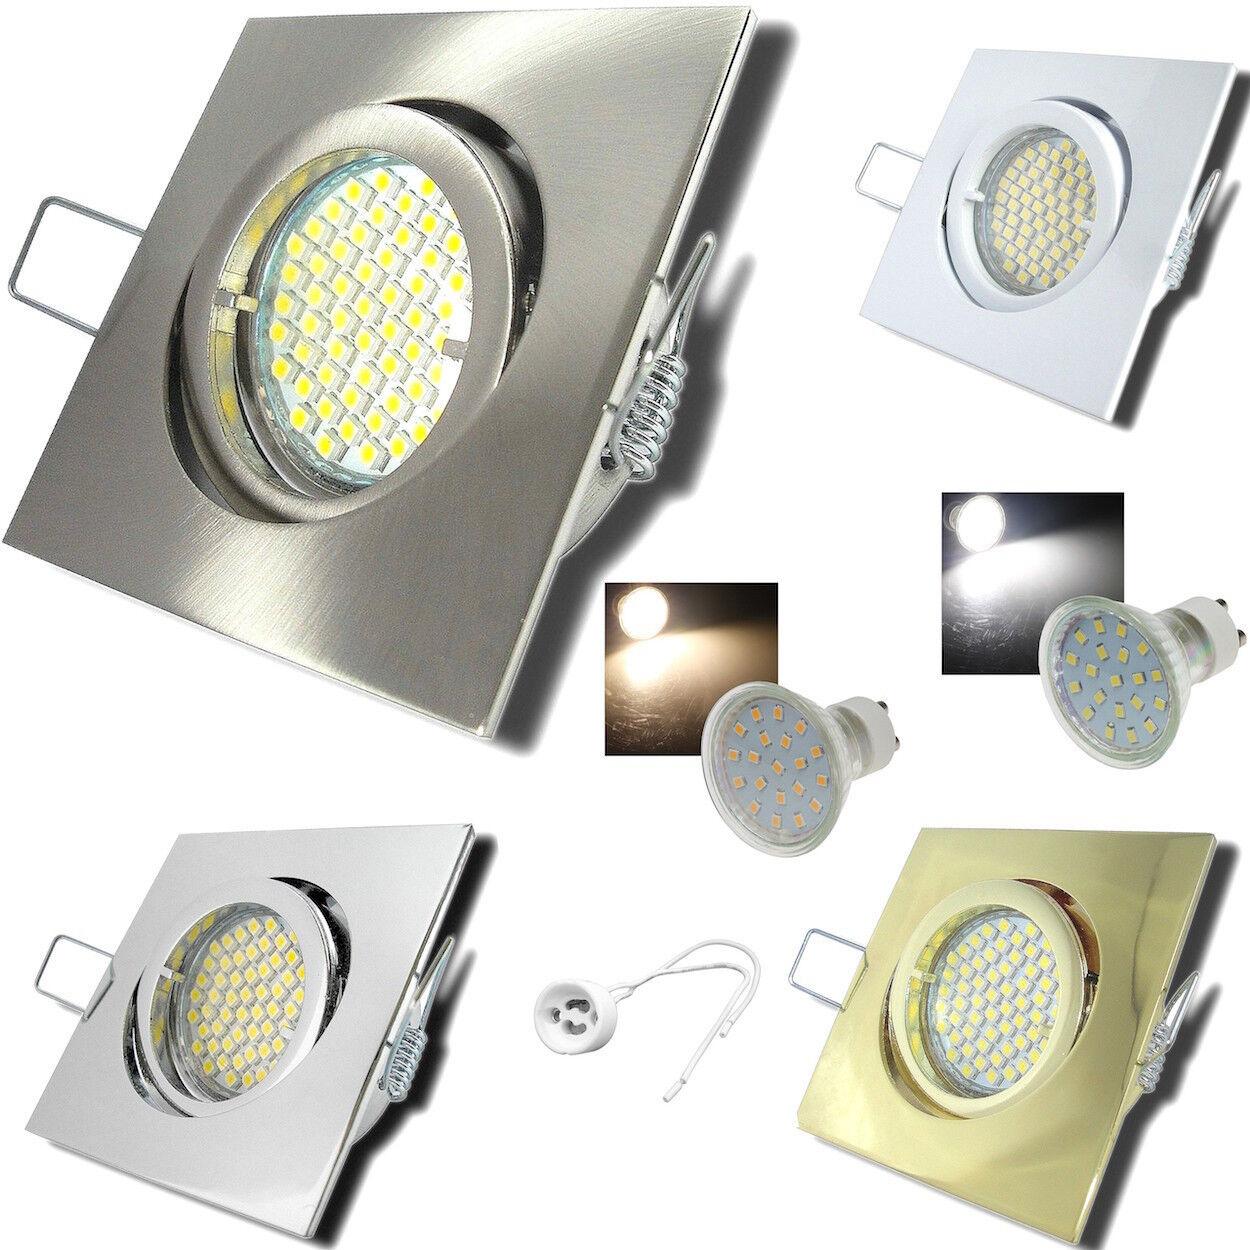 4- 25er Sets  LED Einbaustrahler Dario 230Volt Downlights 5W50W Einbauspots HV. | Hervorragende Eigenschaften  | Niedrige Kosten  | Online-Exportgeschäft